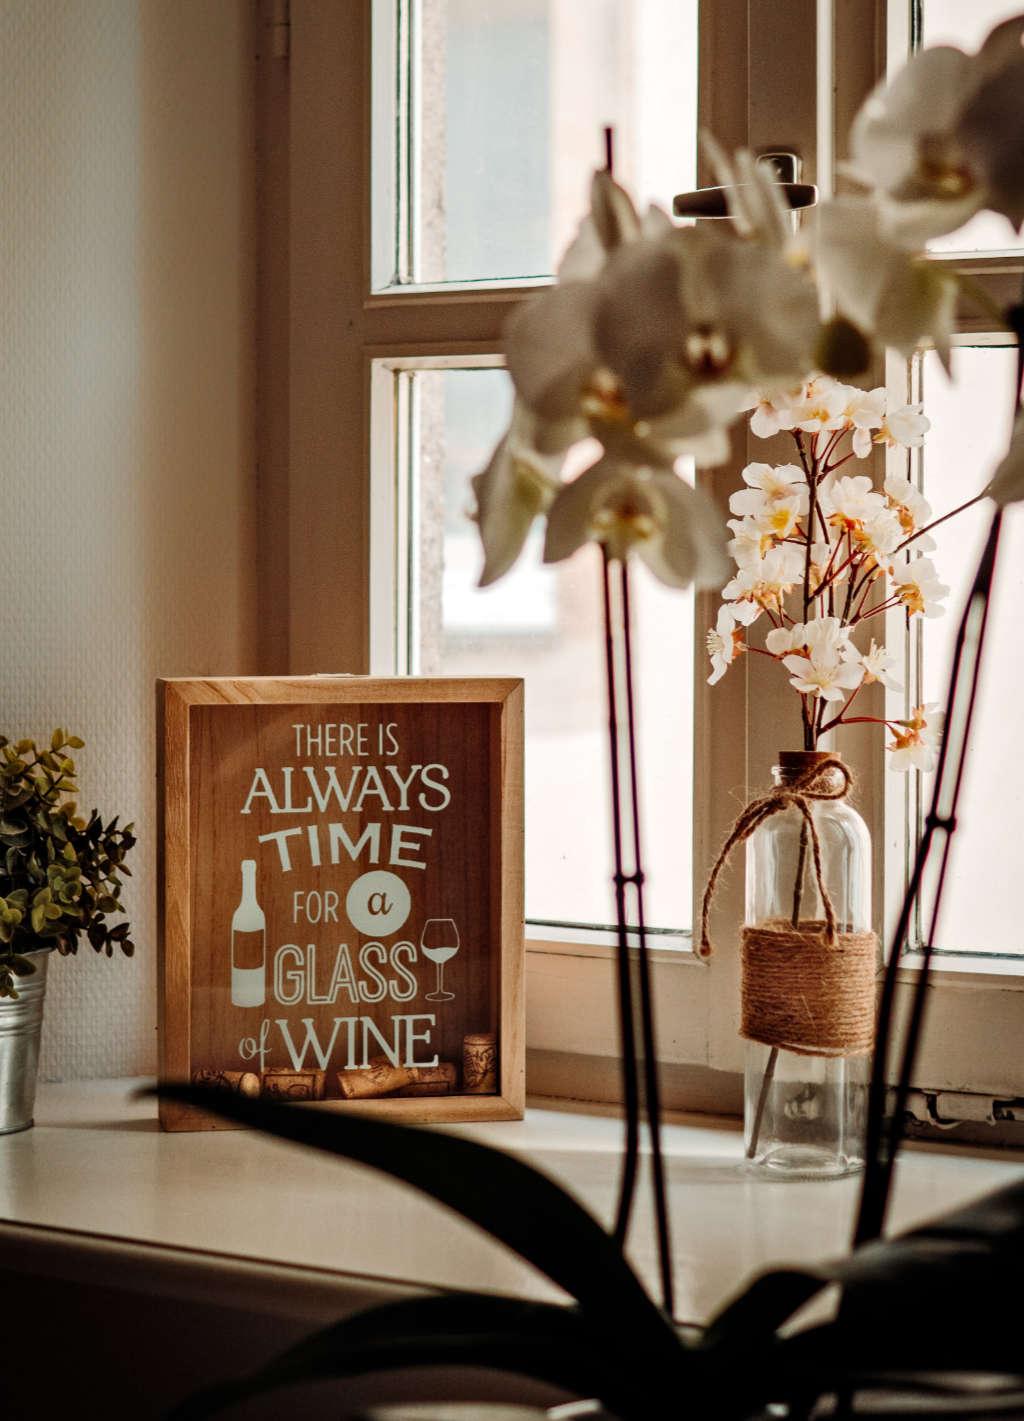 C'e sempre tempo a bere un bicchiere di vino, questo si legge nella foto a incoraggiare i viticoltori in difficoltà e wein-plus vi sta al fianco